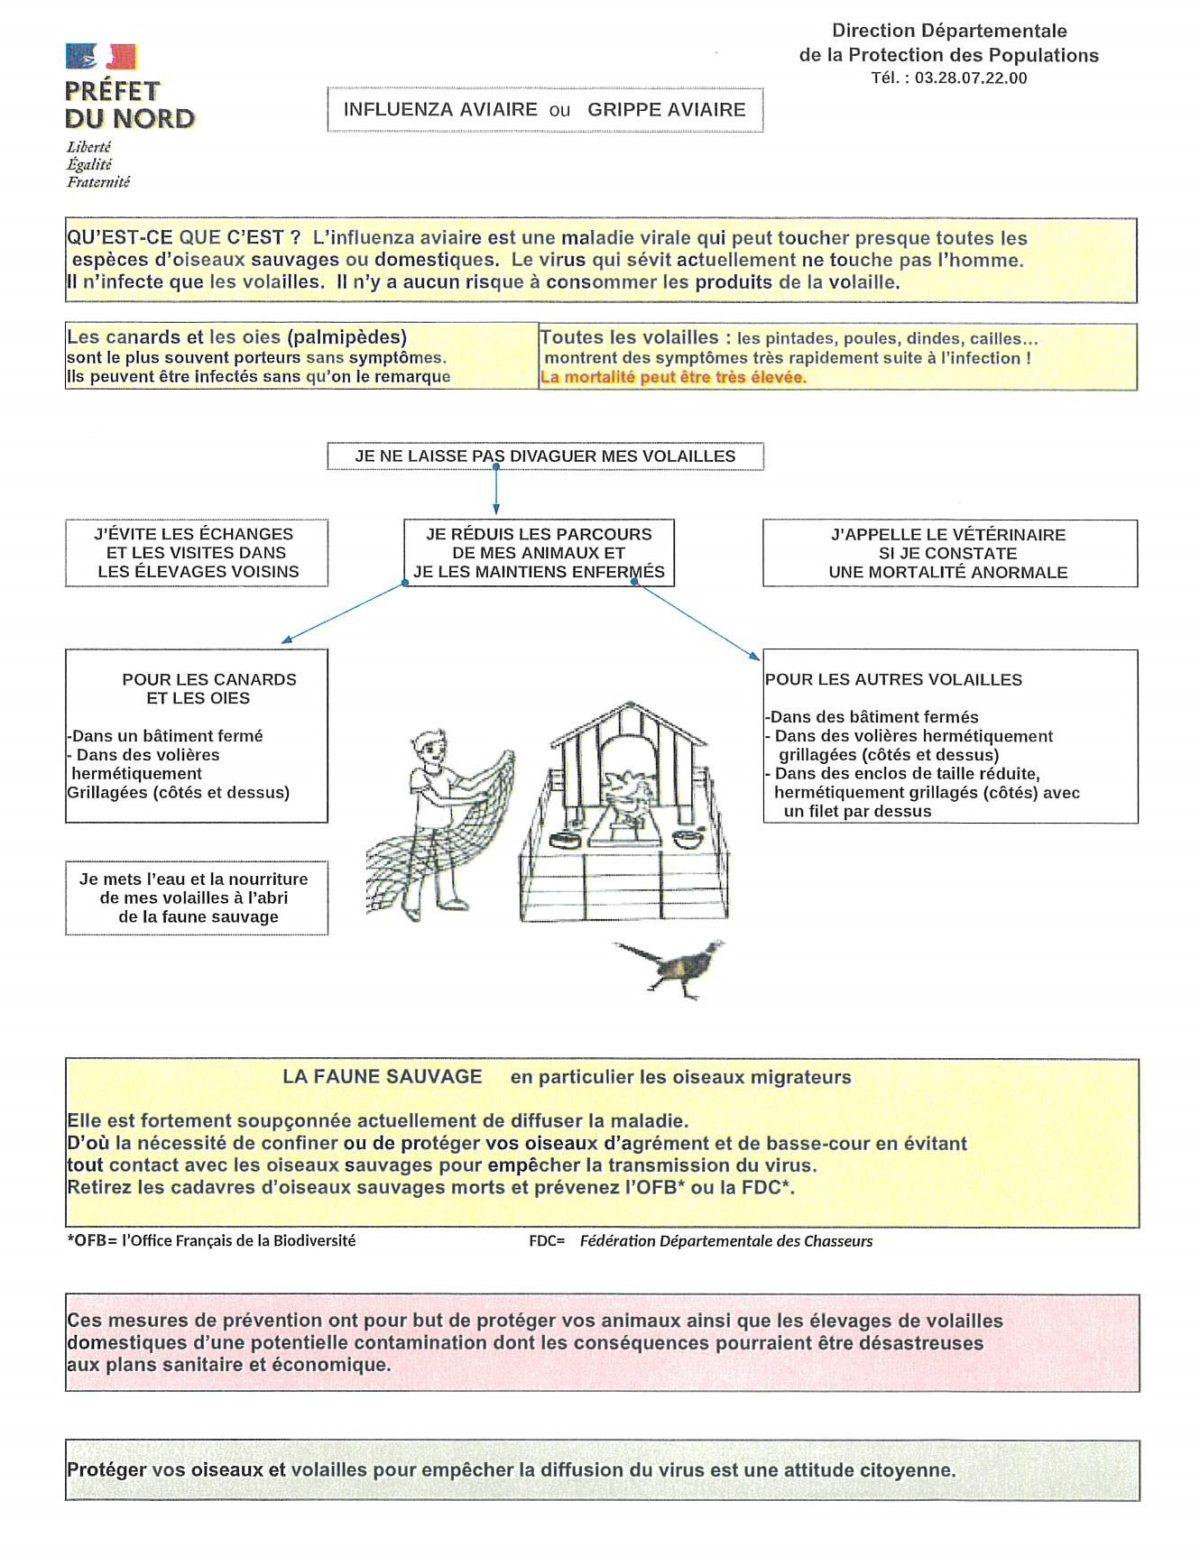 Risque élevé de propagation de la grippe aviaire